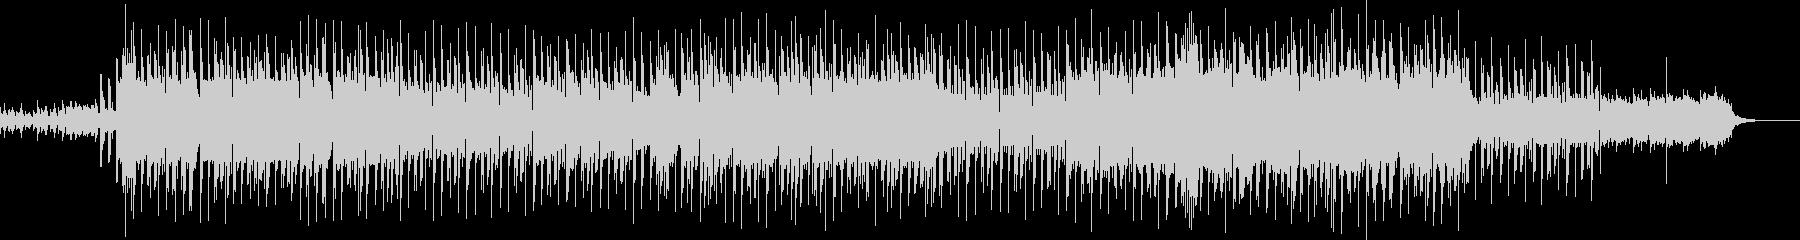 ヒップホップ チル1の未再生の波形